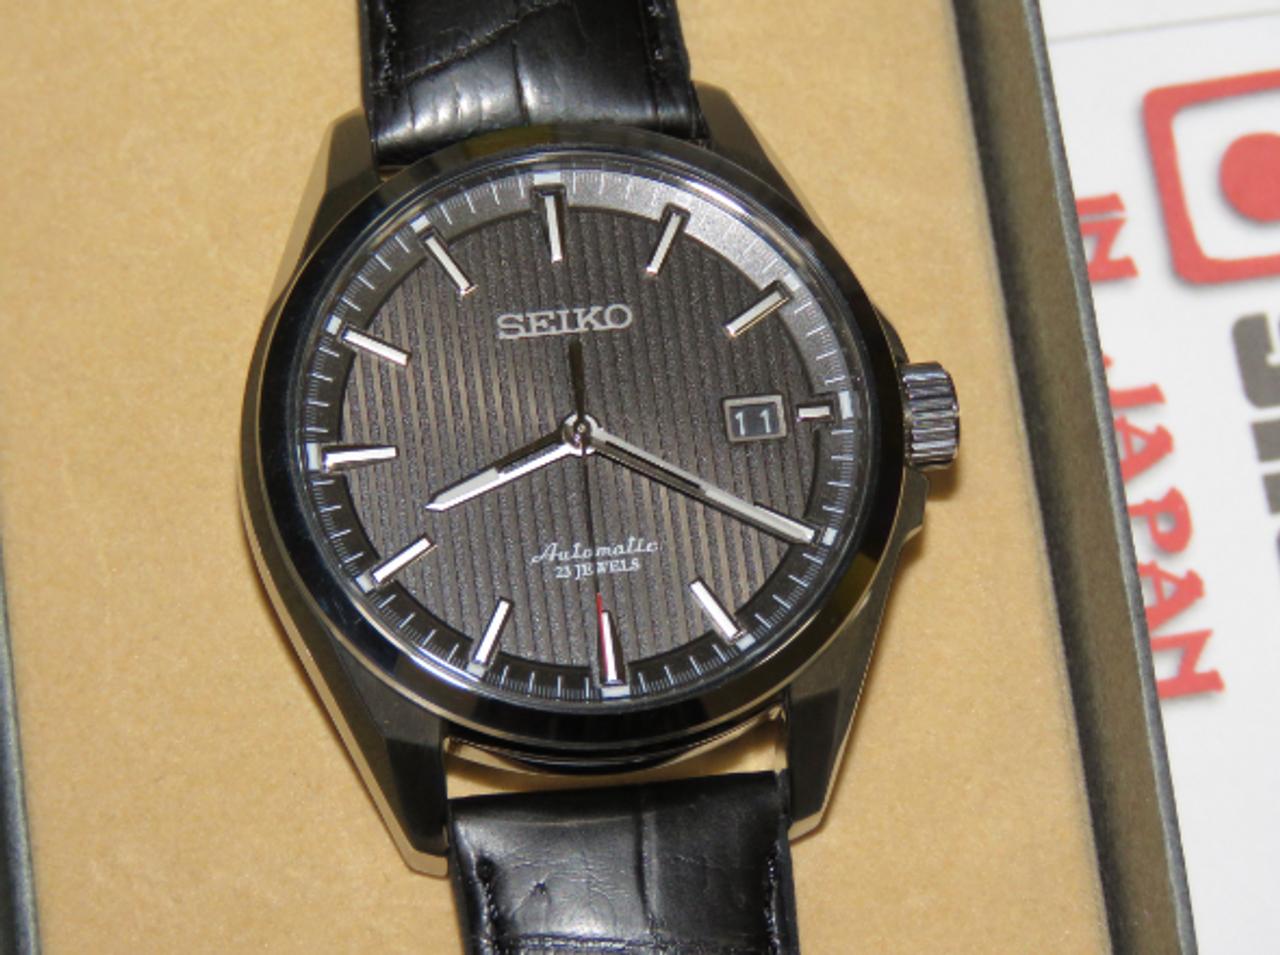 Seiko Presage SARX017